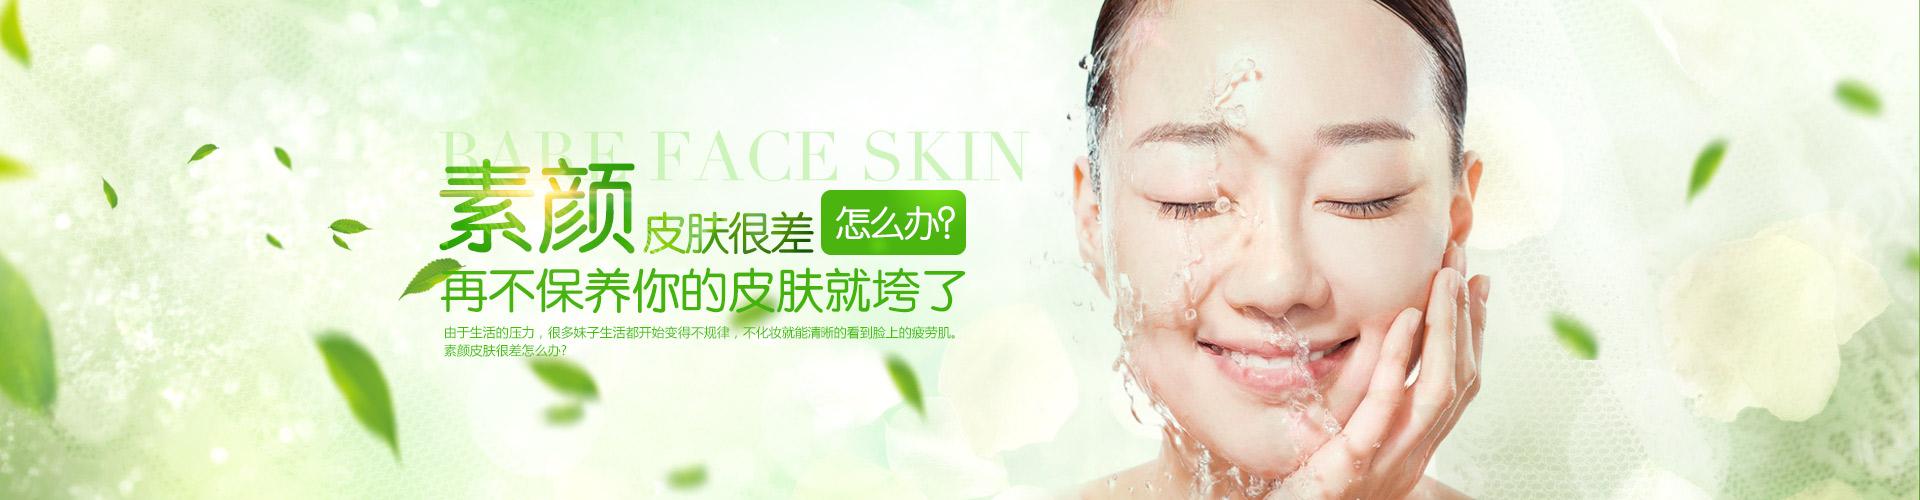 素颜皮肤很差怎么办 如何保养你的皮肤